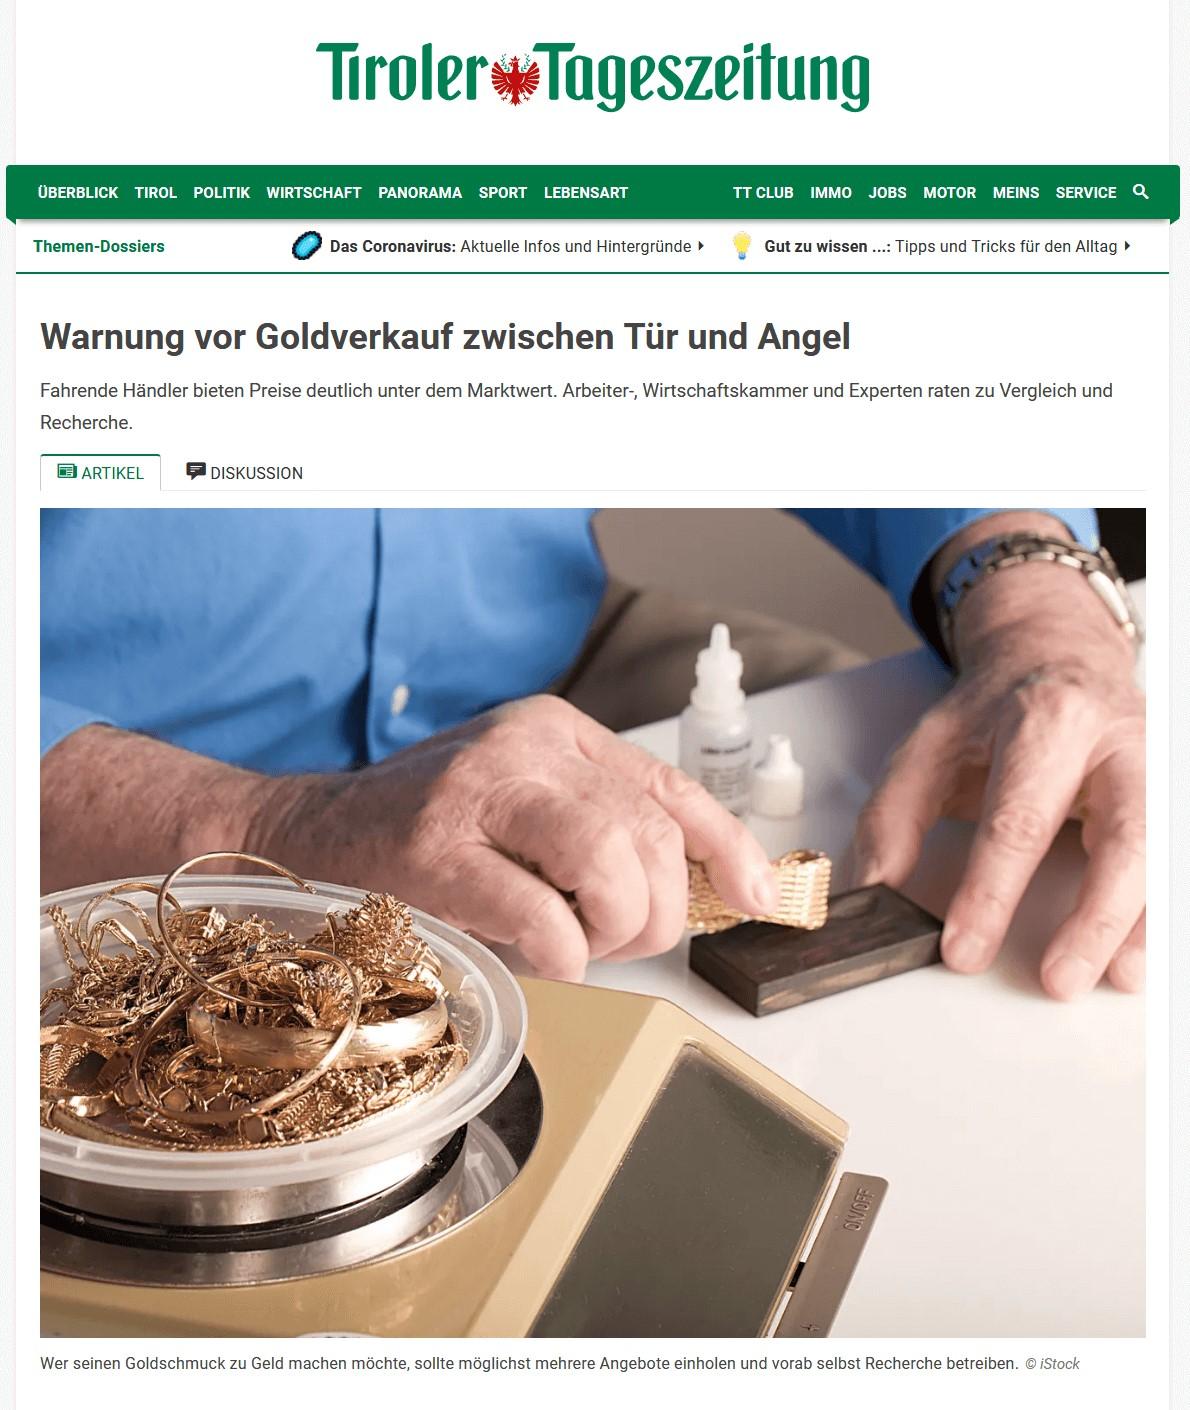 Warnung vor Goldverkauf zwischen Tür und Angel Tiroler Tageszeitung